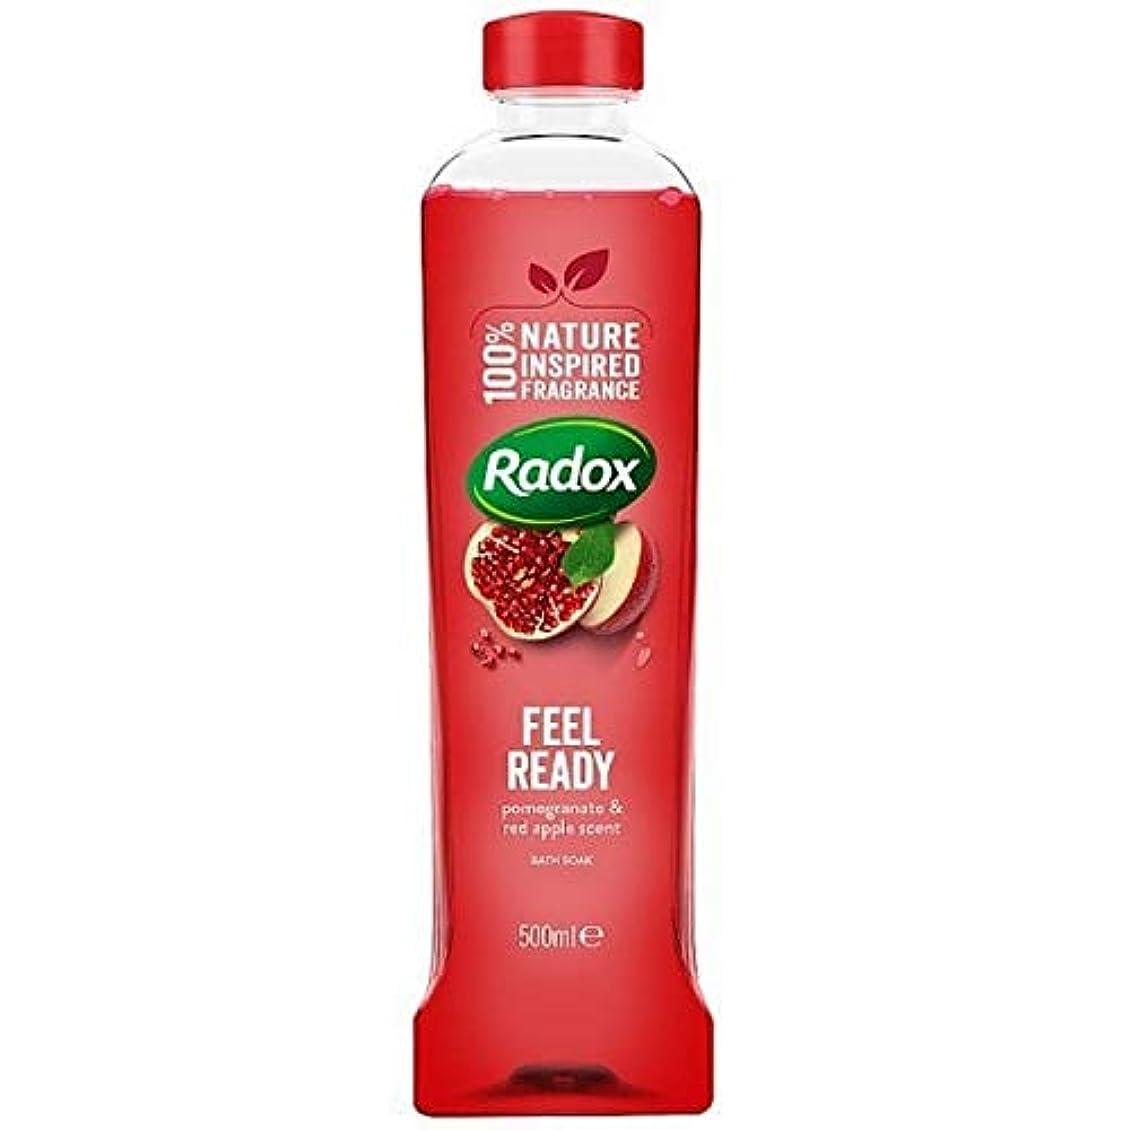 数学的なバナナ火炎[Radox] Radoxは500ミリリットルを浸し準備風呂を感じます - Radox Feel Ready Bath Soak 500ml [並行輸入品]